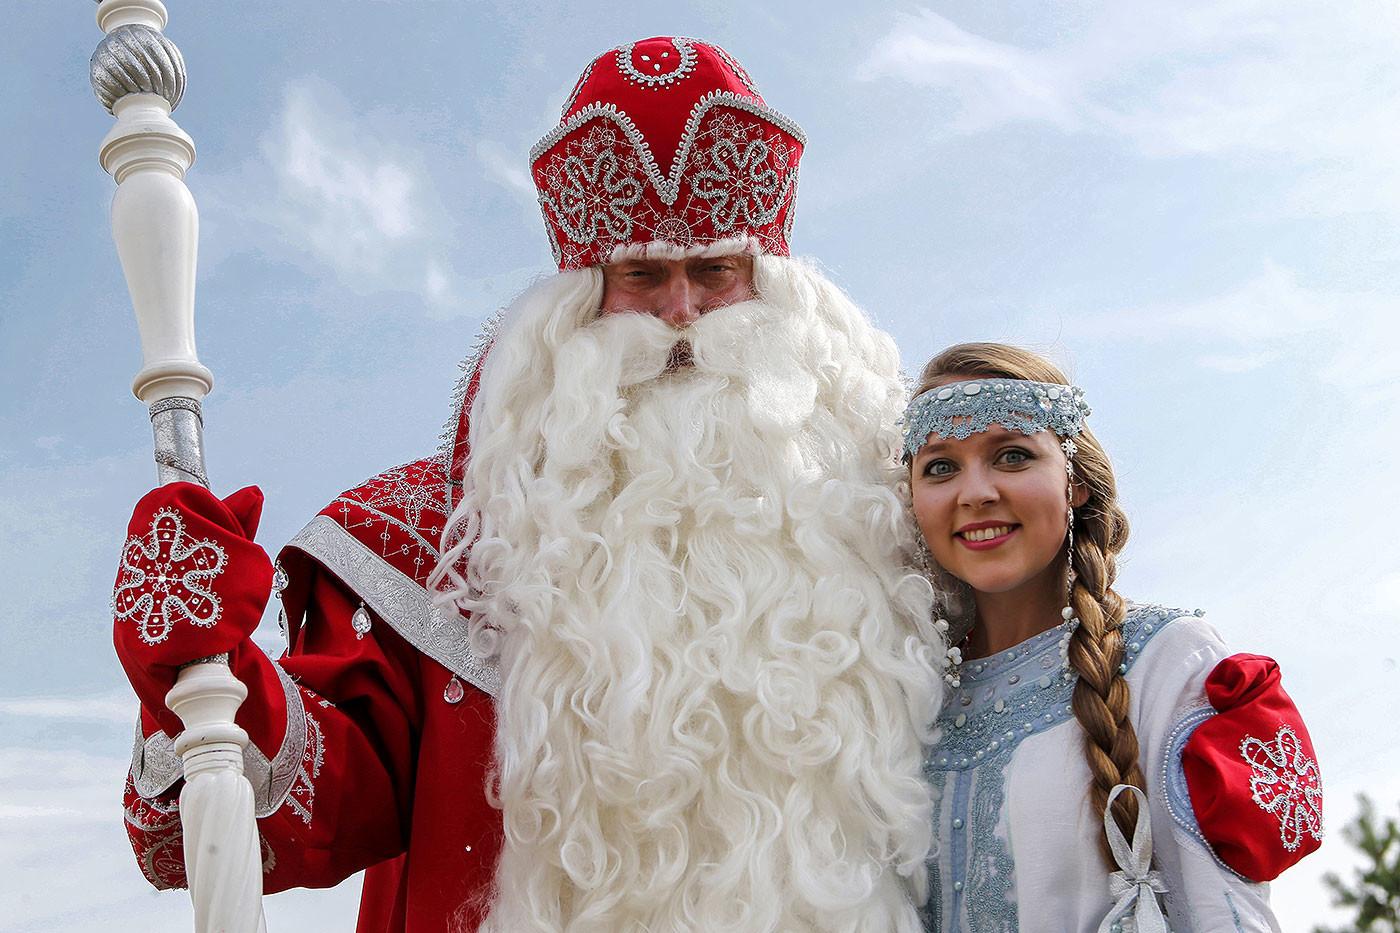 Фото: © РИА Новости / Олег Смыслов